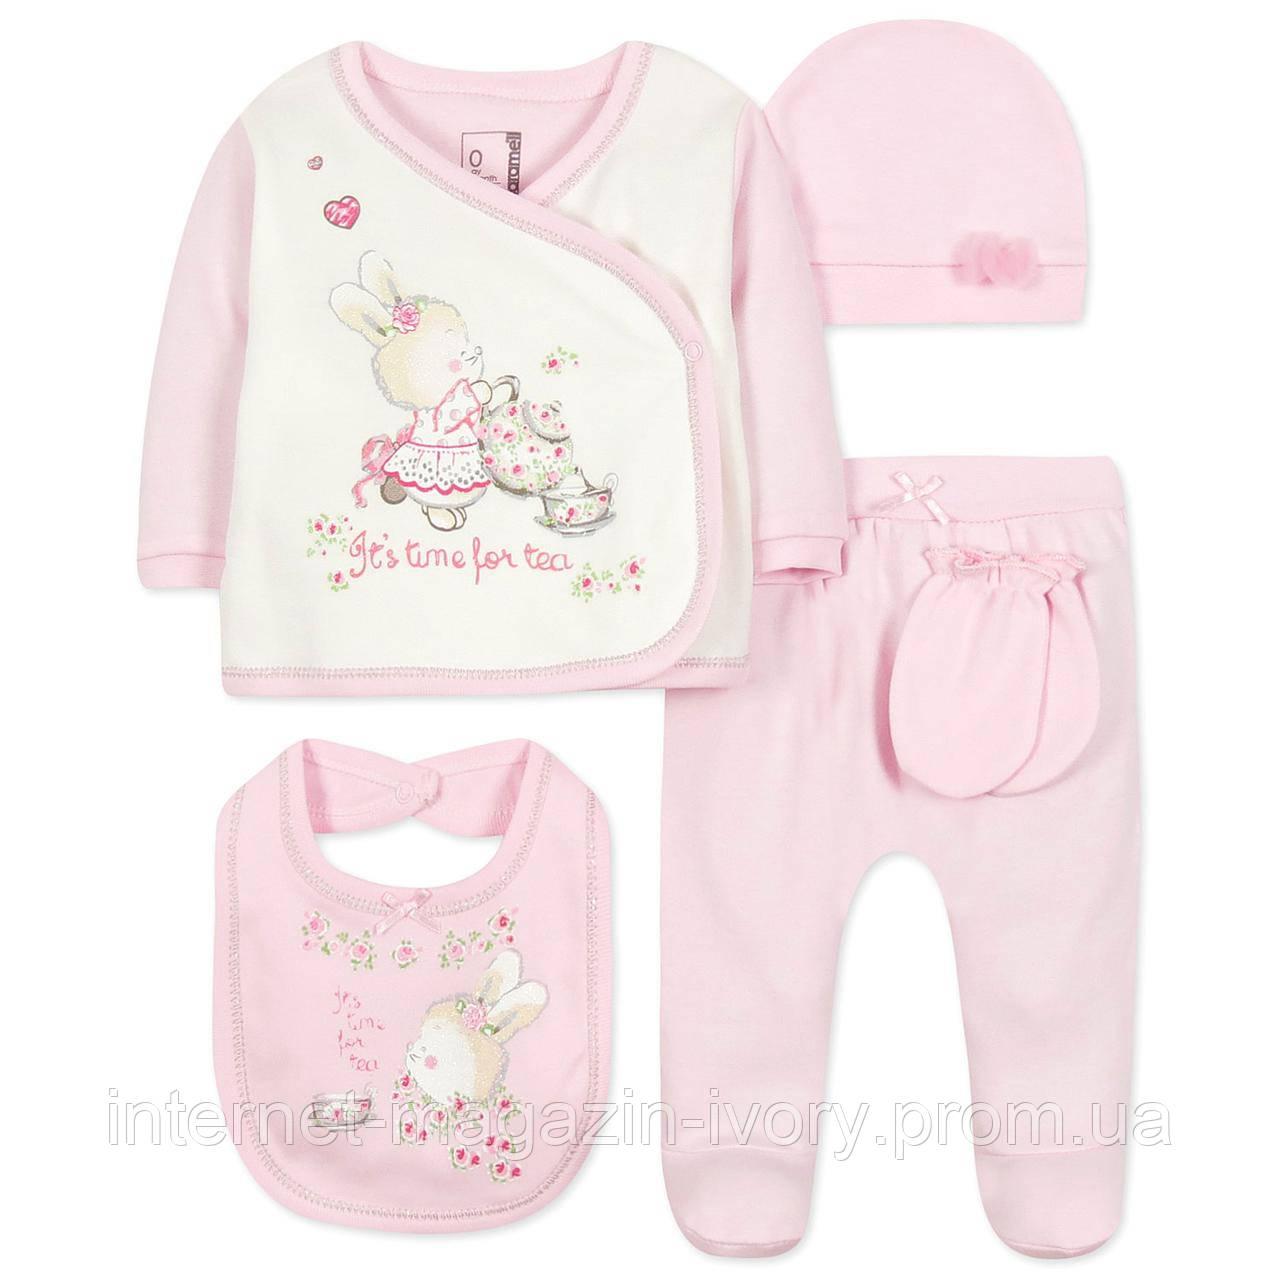 Комплект 10 в 1 для Новорожденной Девочки Caramell (50) — в ... 0e68d70811974